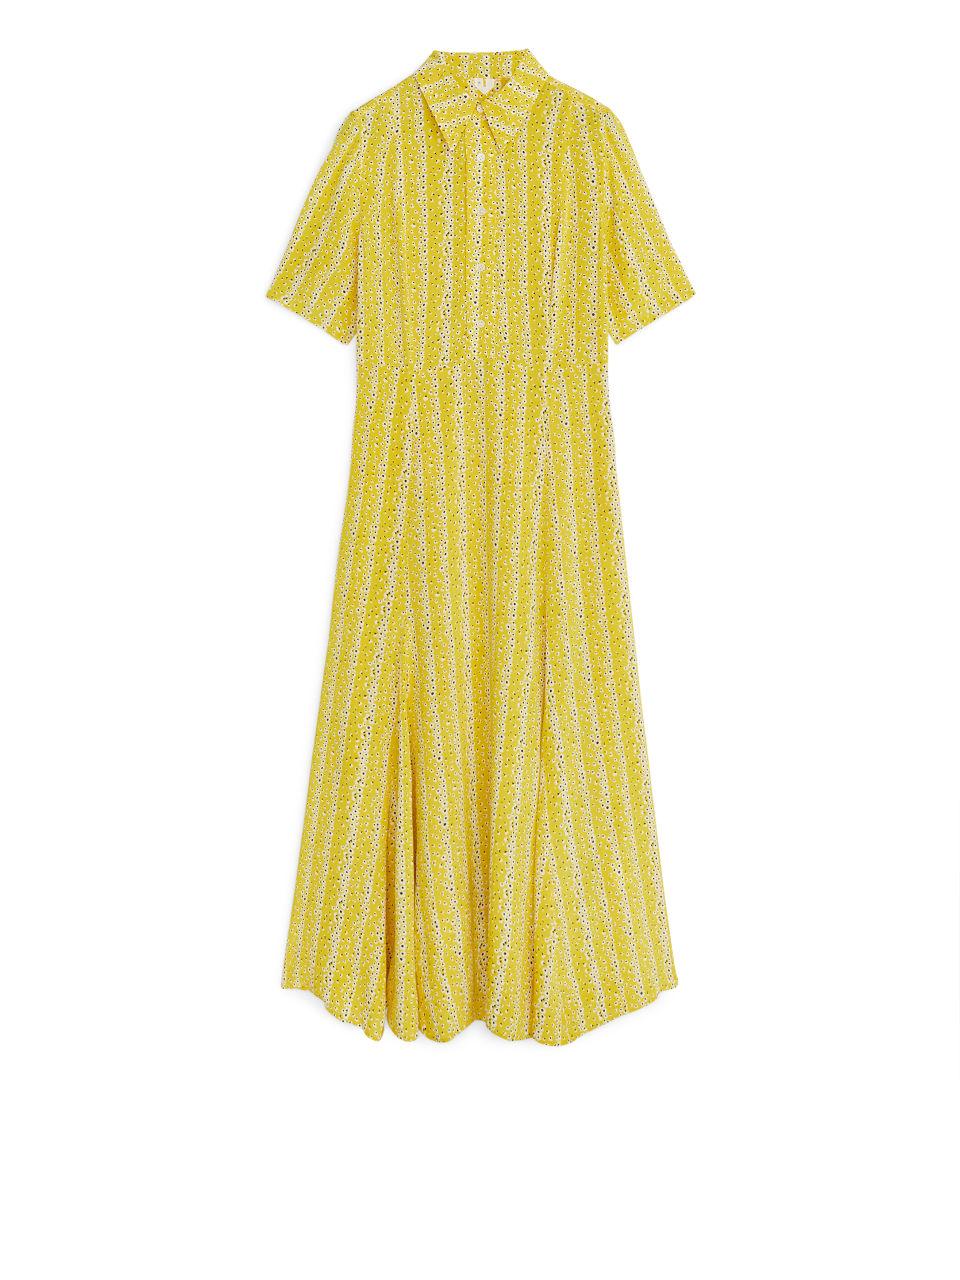 Floral Crêpe Dress - Yellow